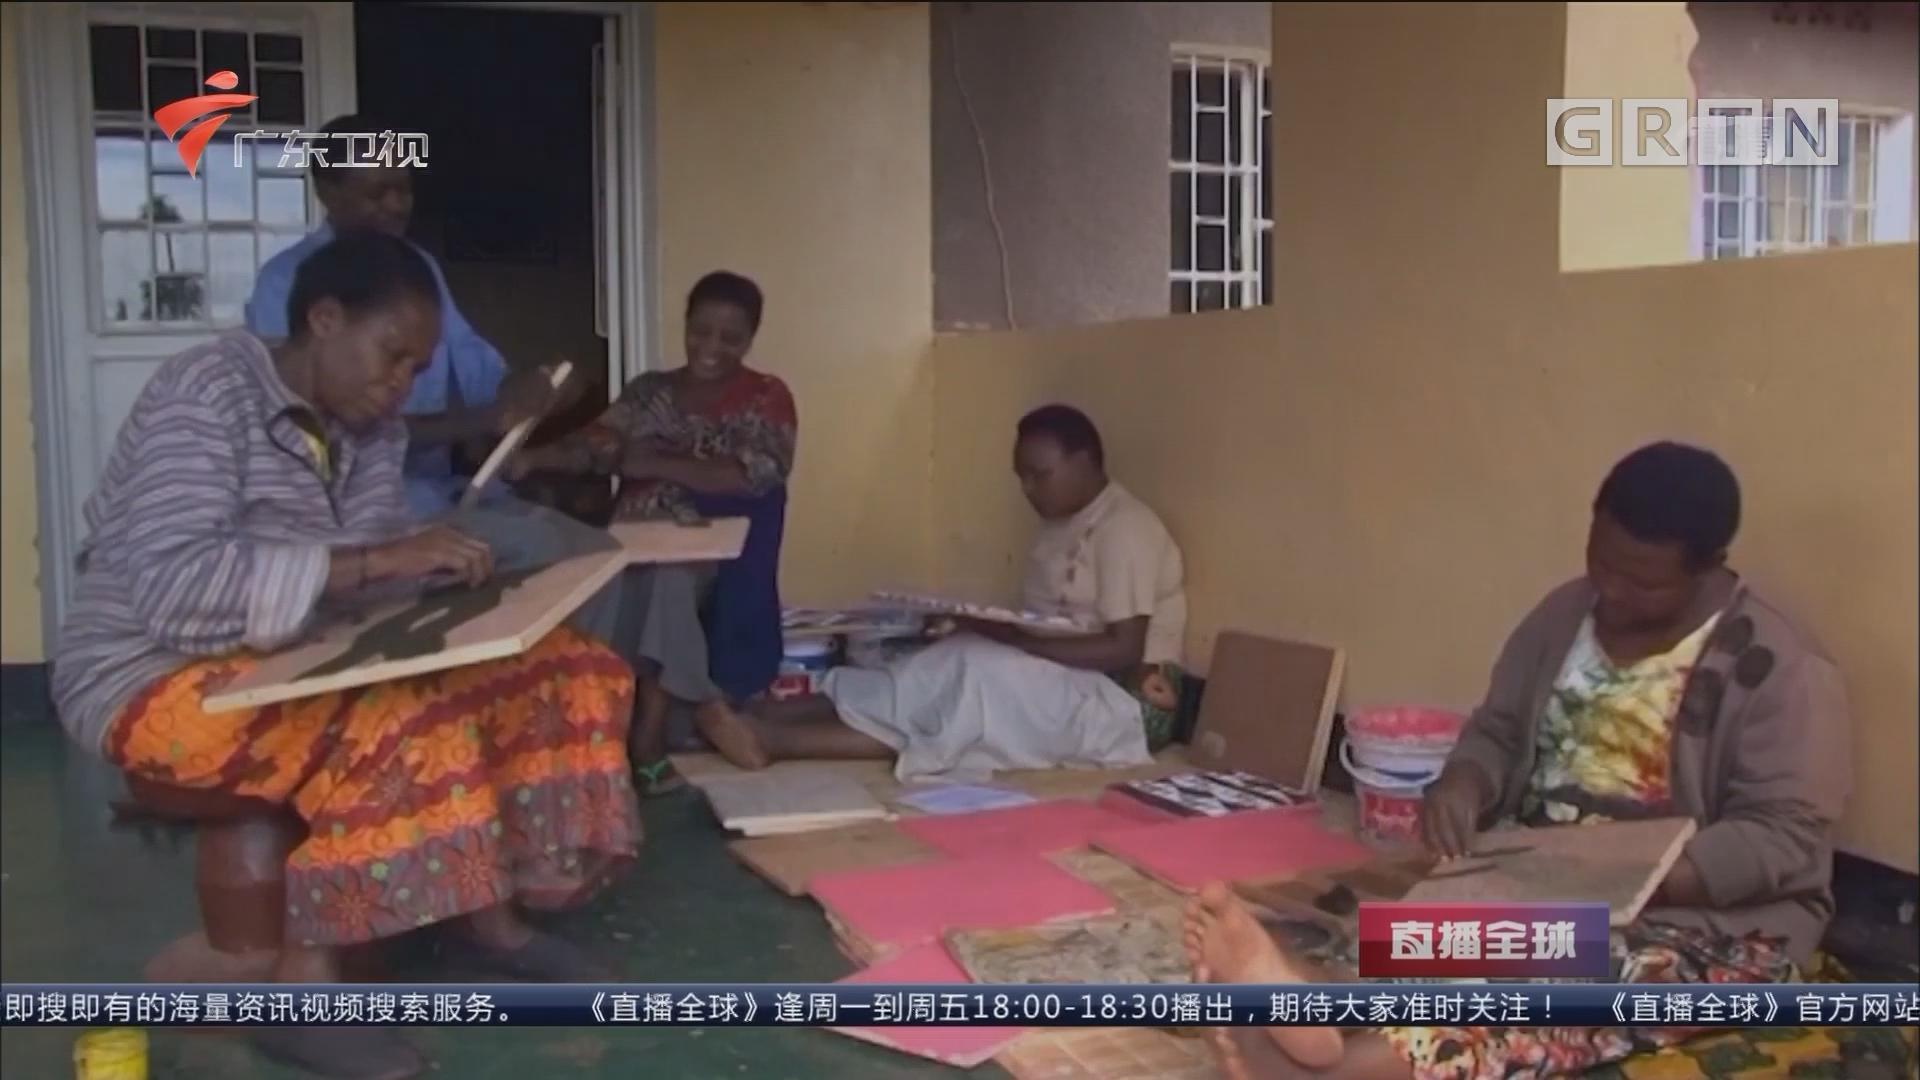 牛粪画助卢旺达妇女脱贫致富:传统作画方式成为救命技能